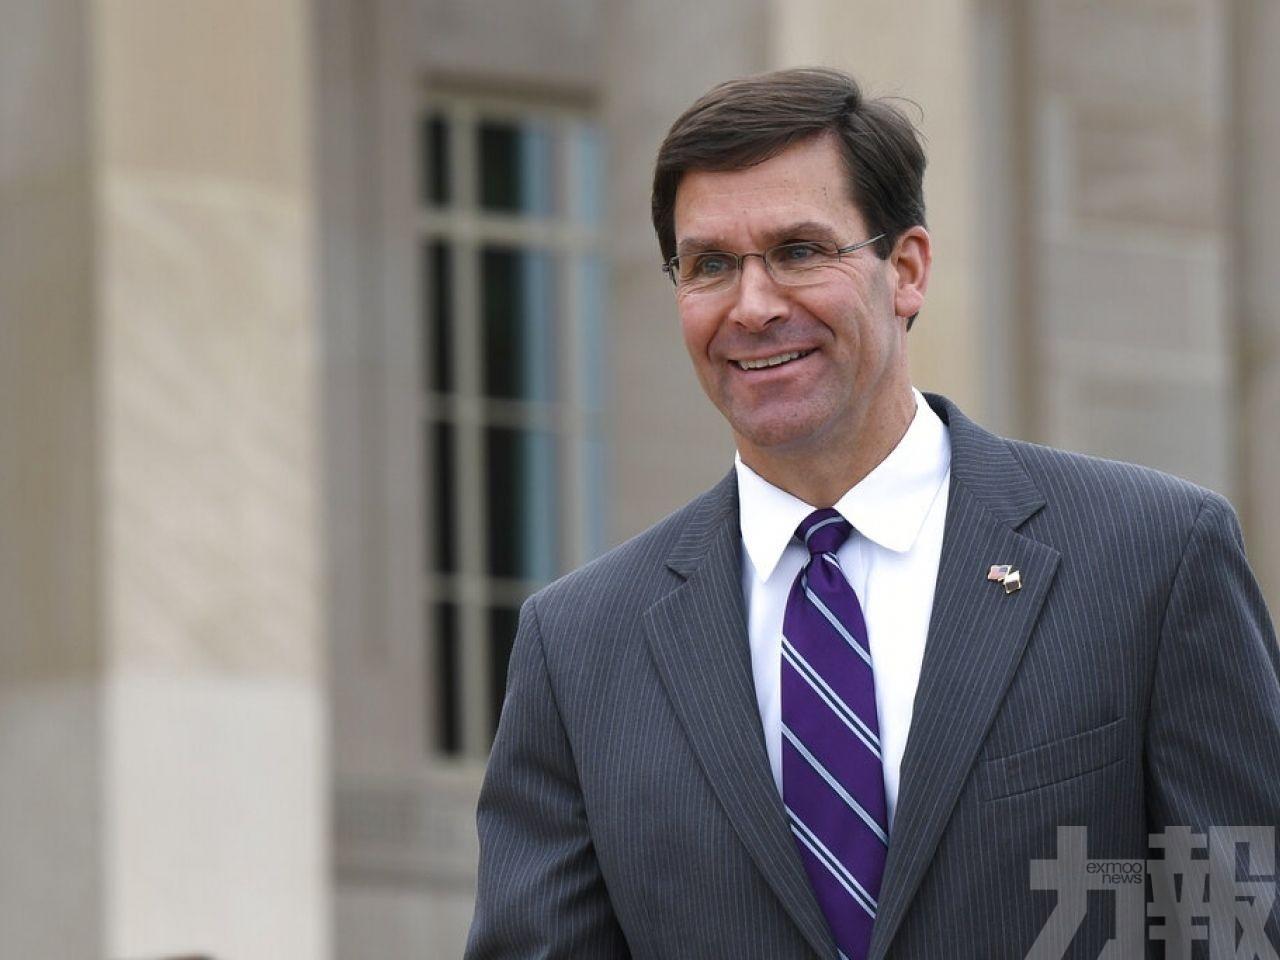 埃斯珀獲特朗普正式提名出任美防長